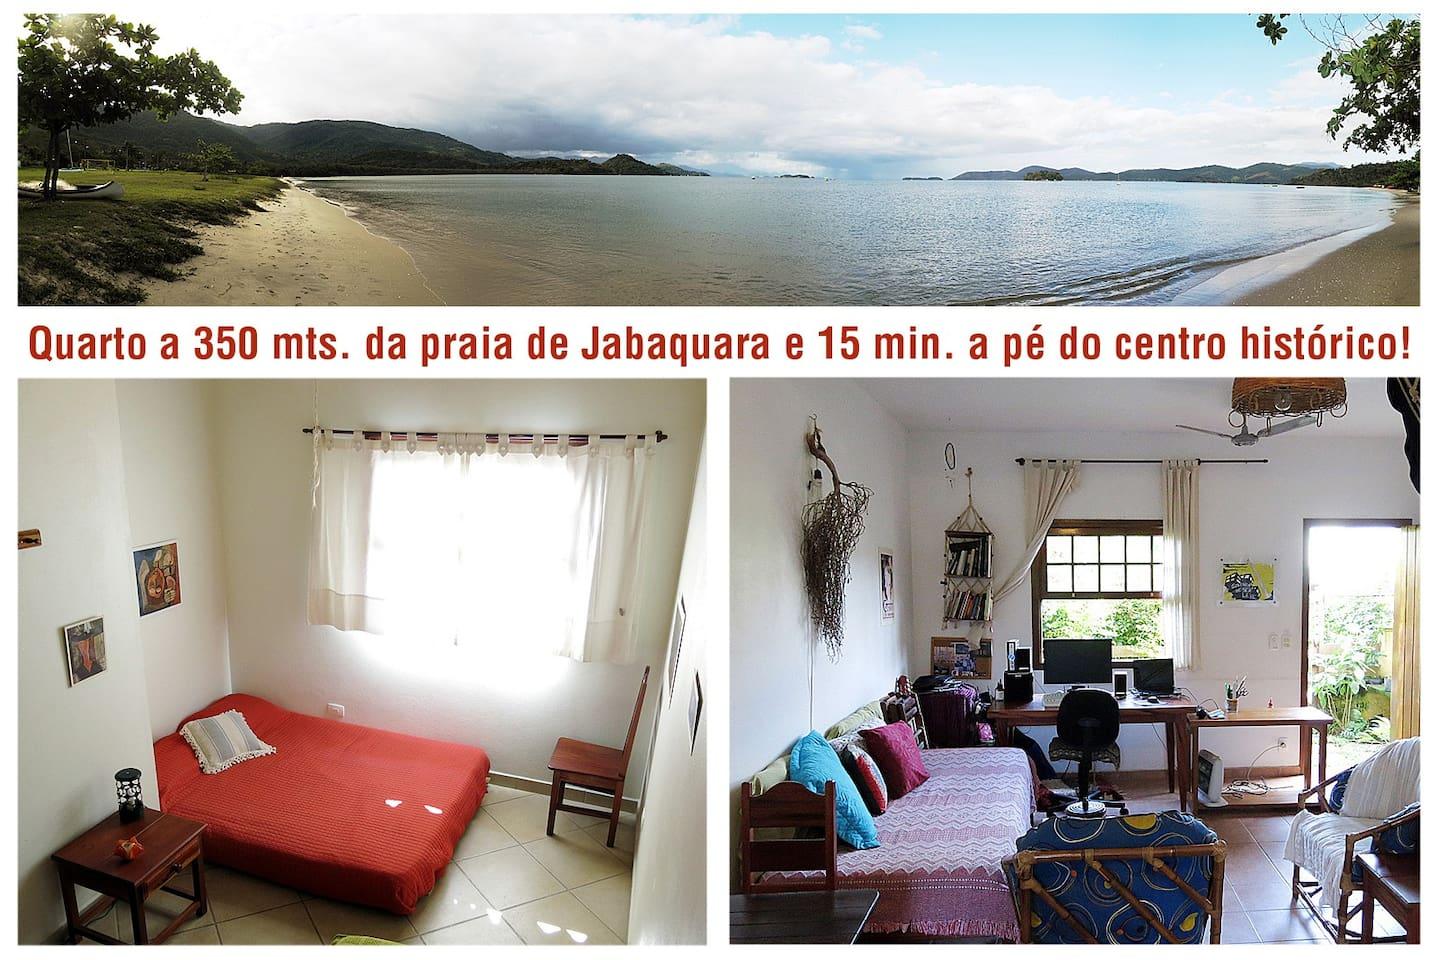 Quarto ate p 4 pessoas a 350 mts. da praia de Jabaquara e 15 min. a pé do centro histórico!